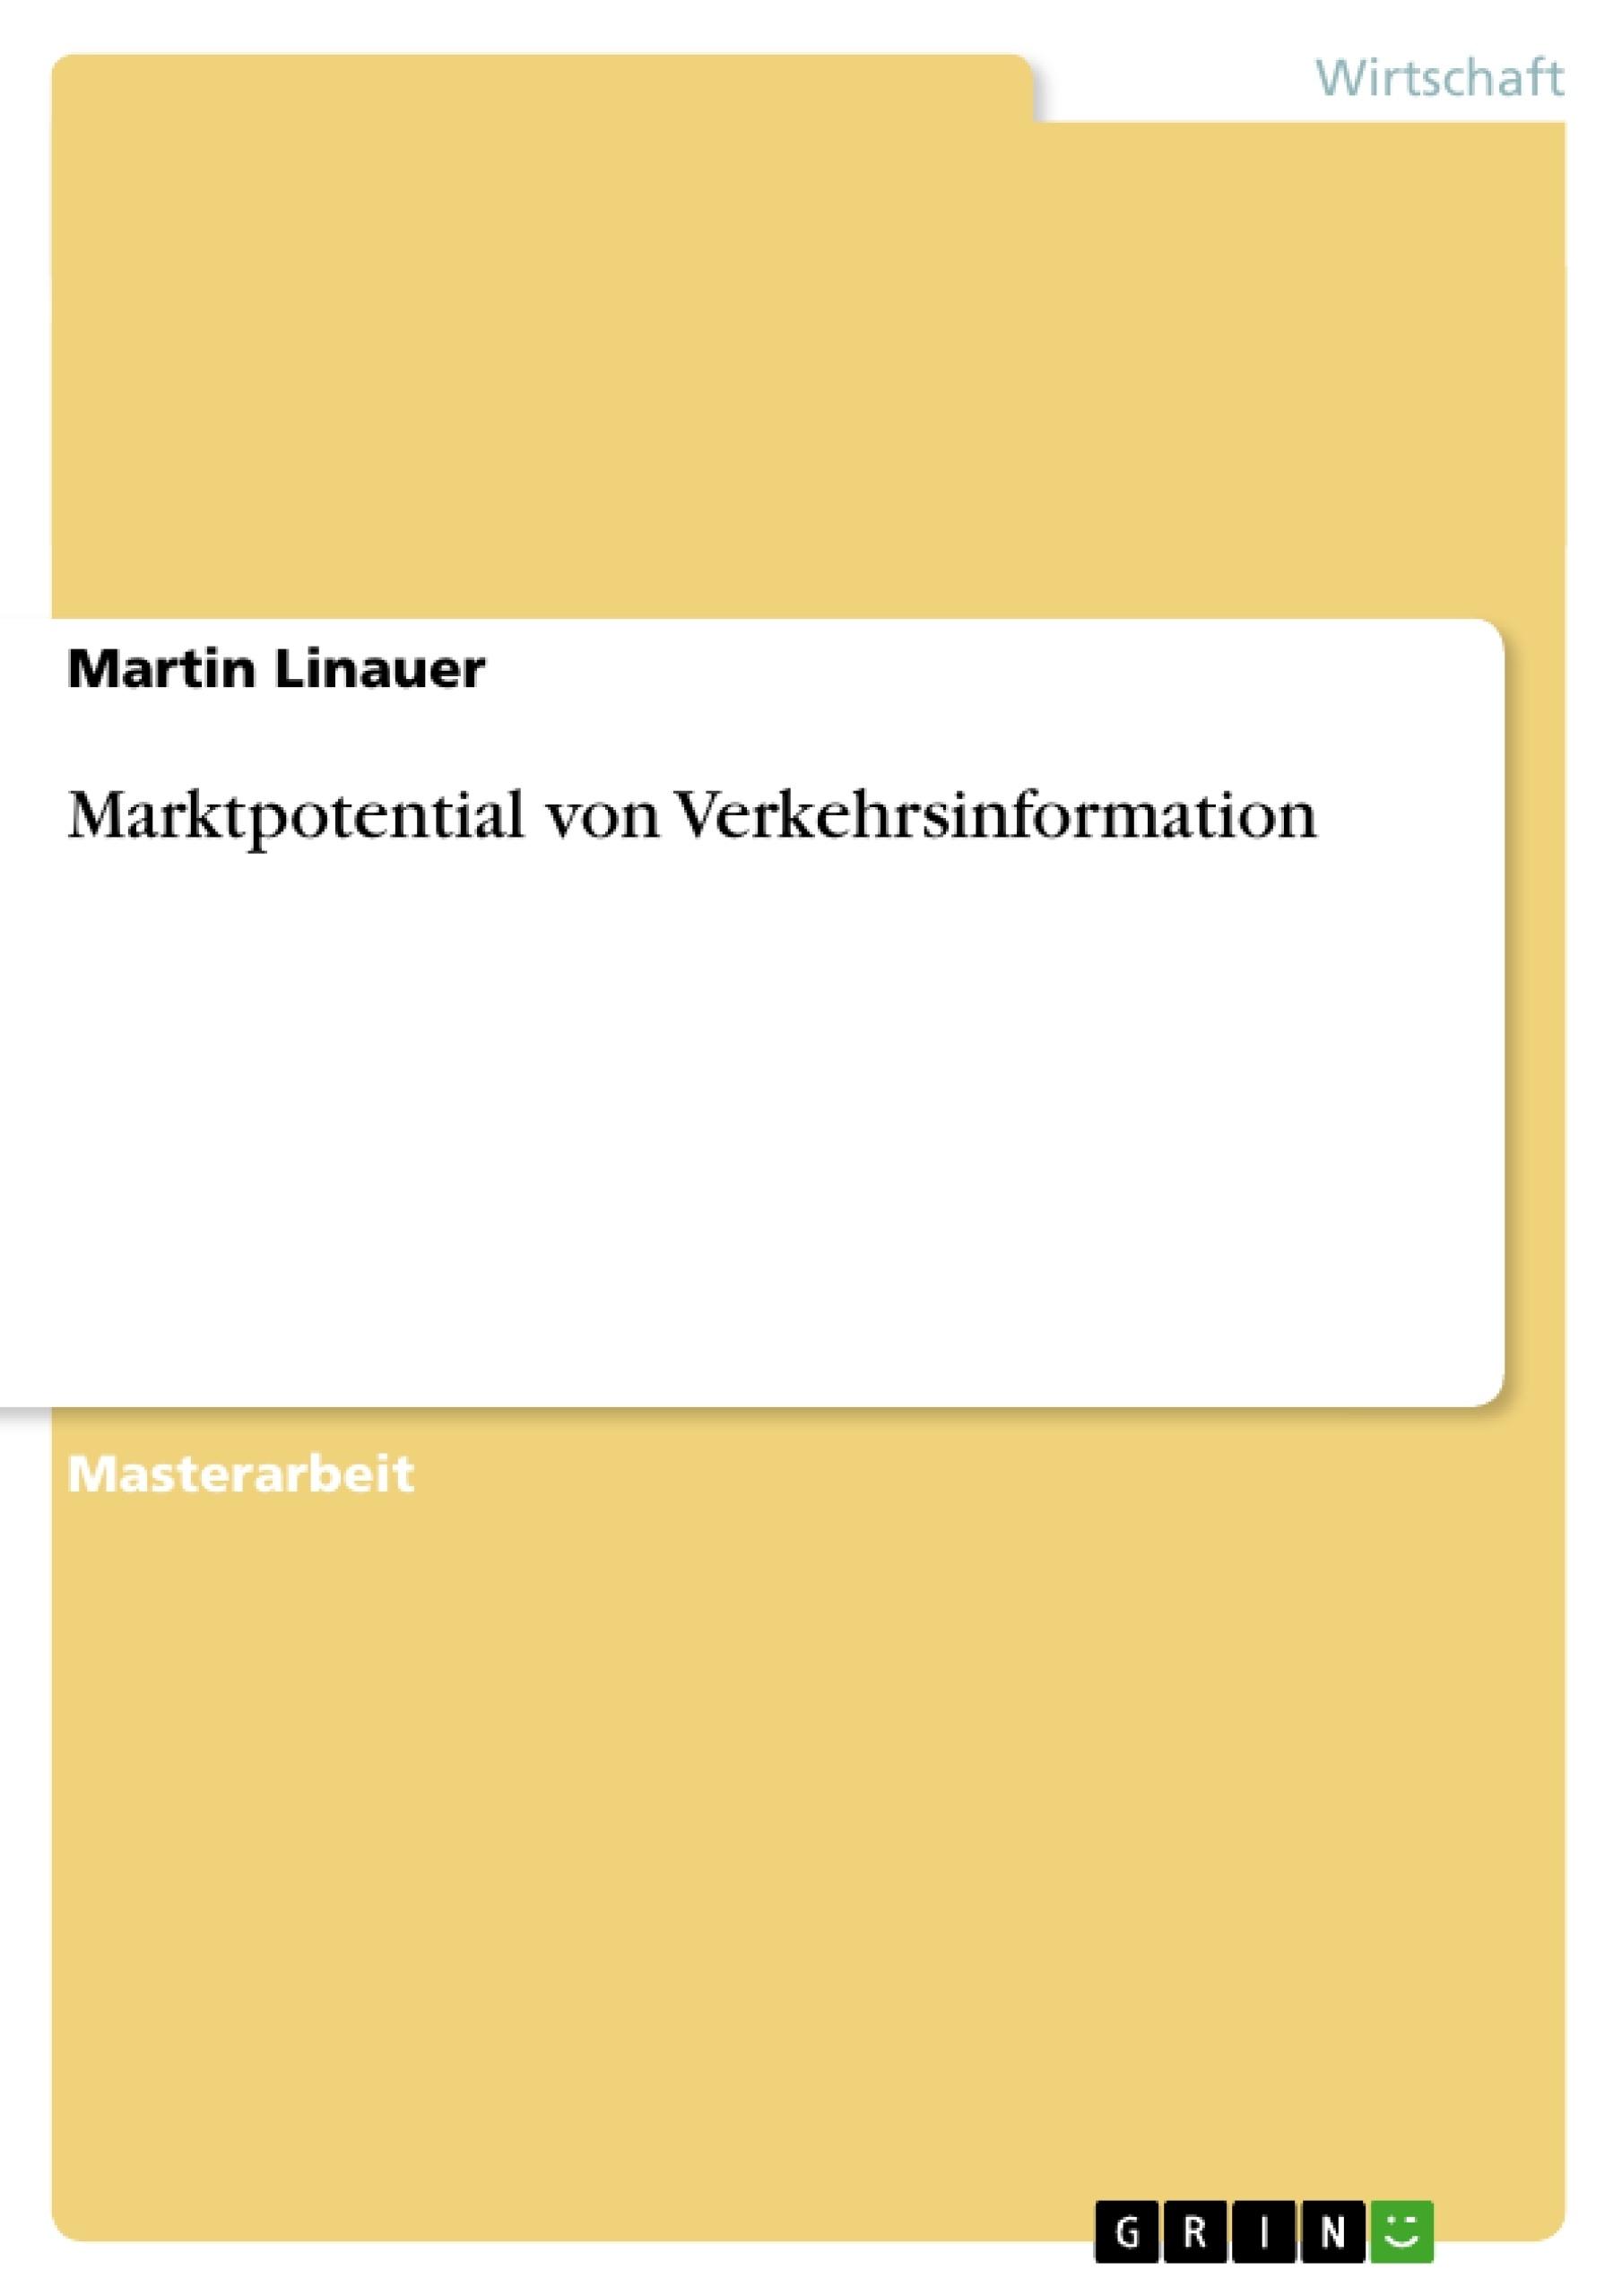 Titel: Marktpotential von Verkehrsinformation